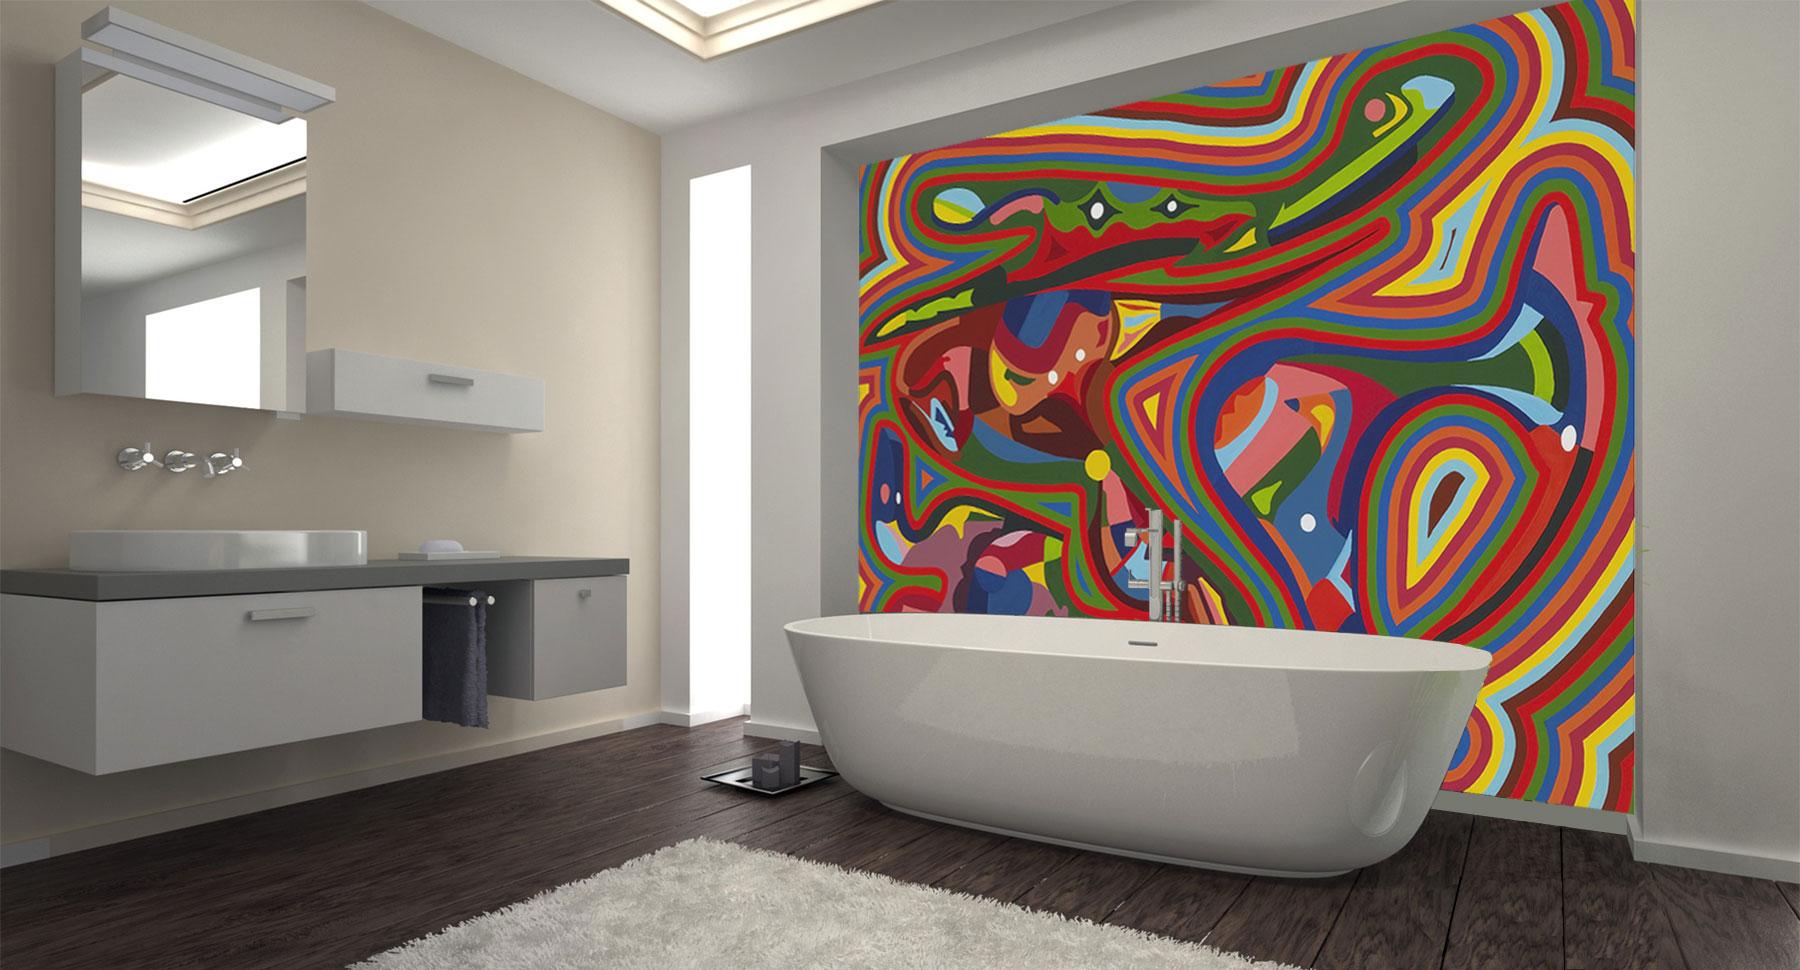 Peinture de Guillevic intitulée La Grenouille pour une salle de bains